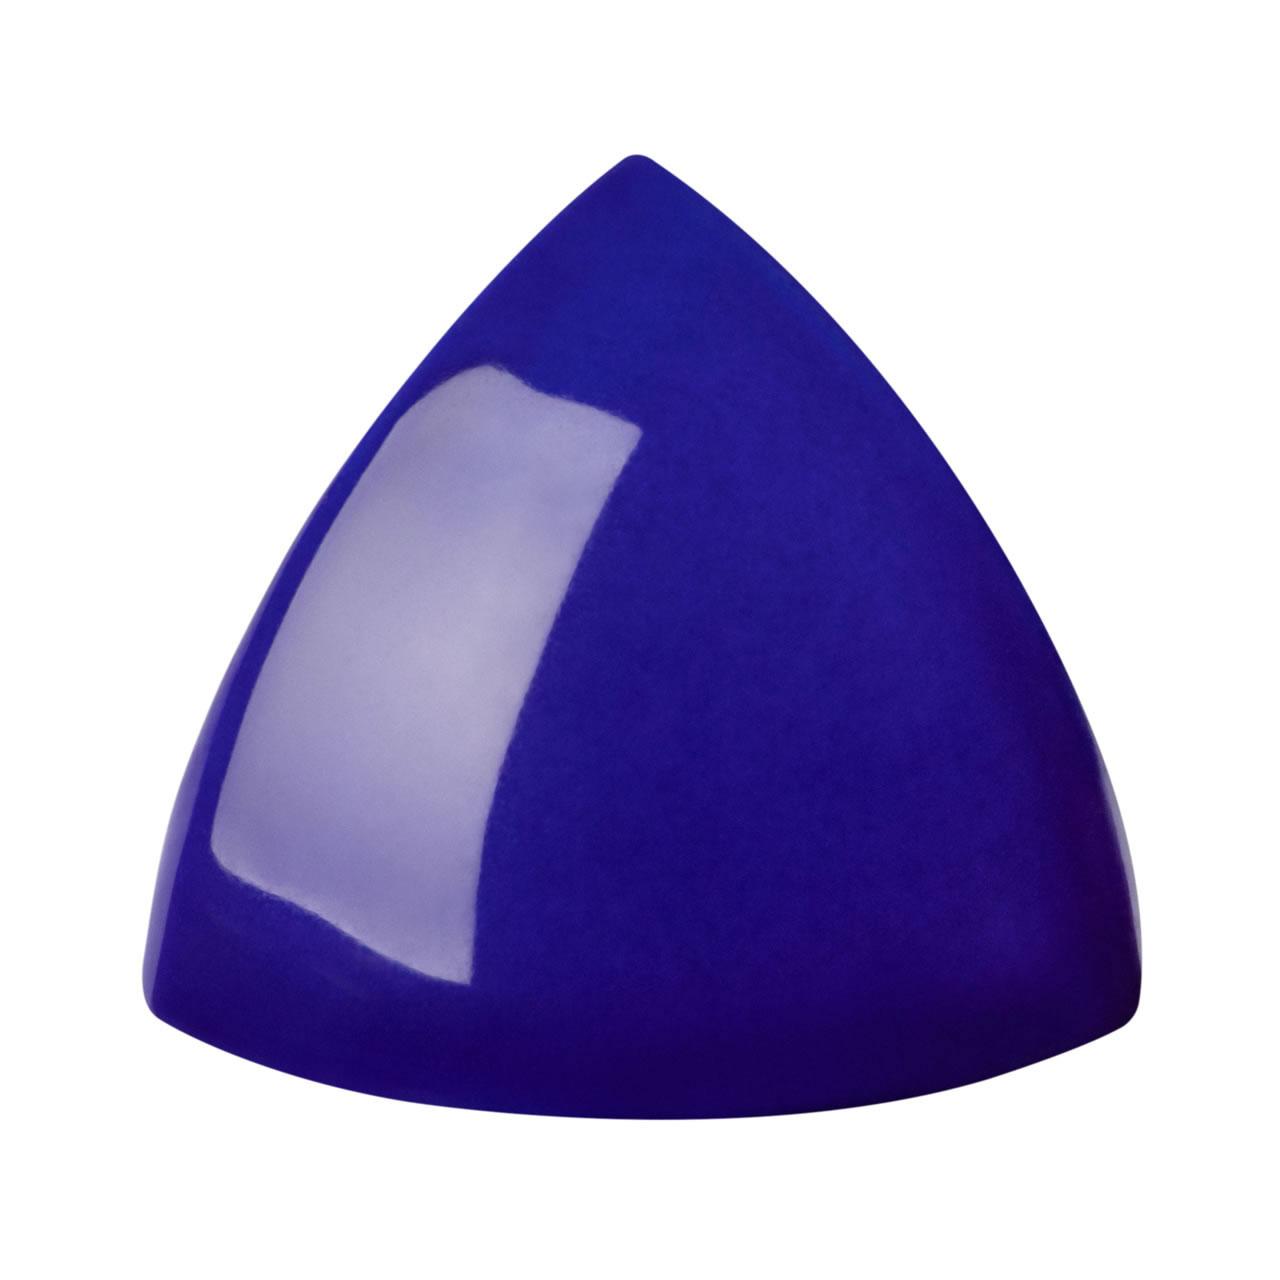 castanha externa azul naval 2,5×2,5